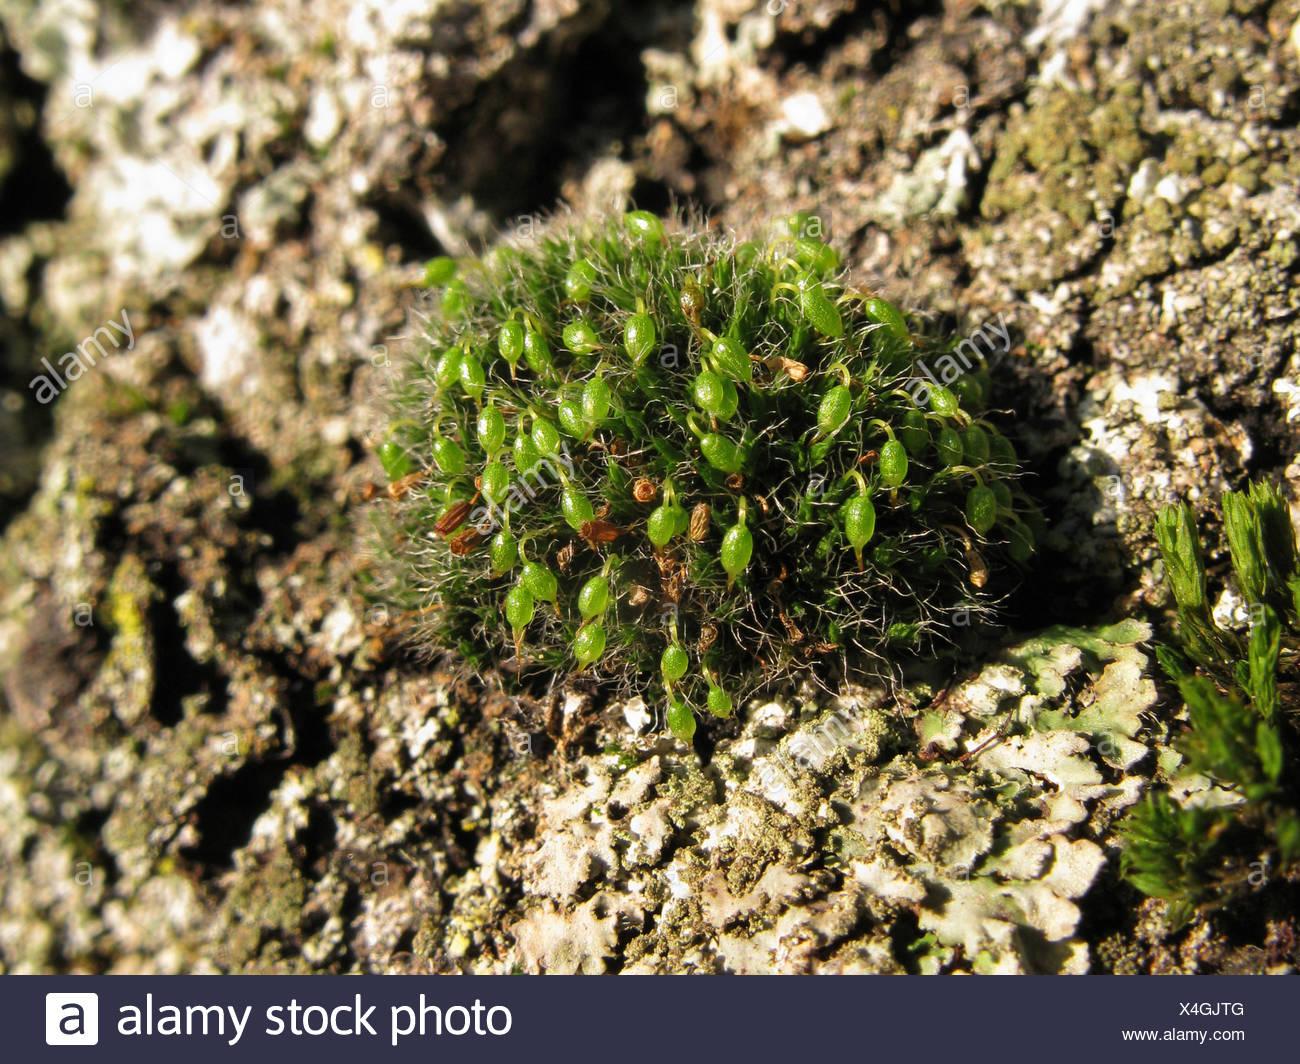 Coussin de mousse, trottoir d'argent (Grimmia pulvinata), sur l'écorce, Allemagne, Rhénanie du Nord-Westphalie Banque D'Images